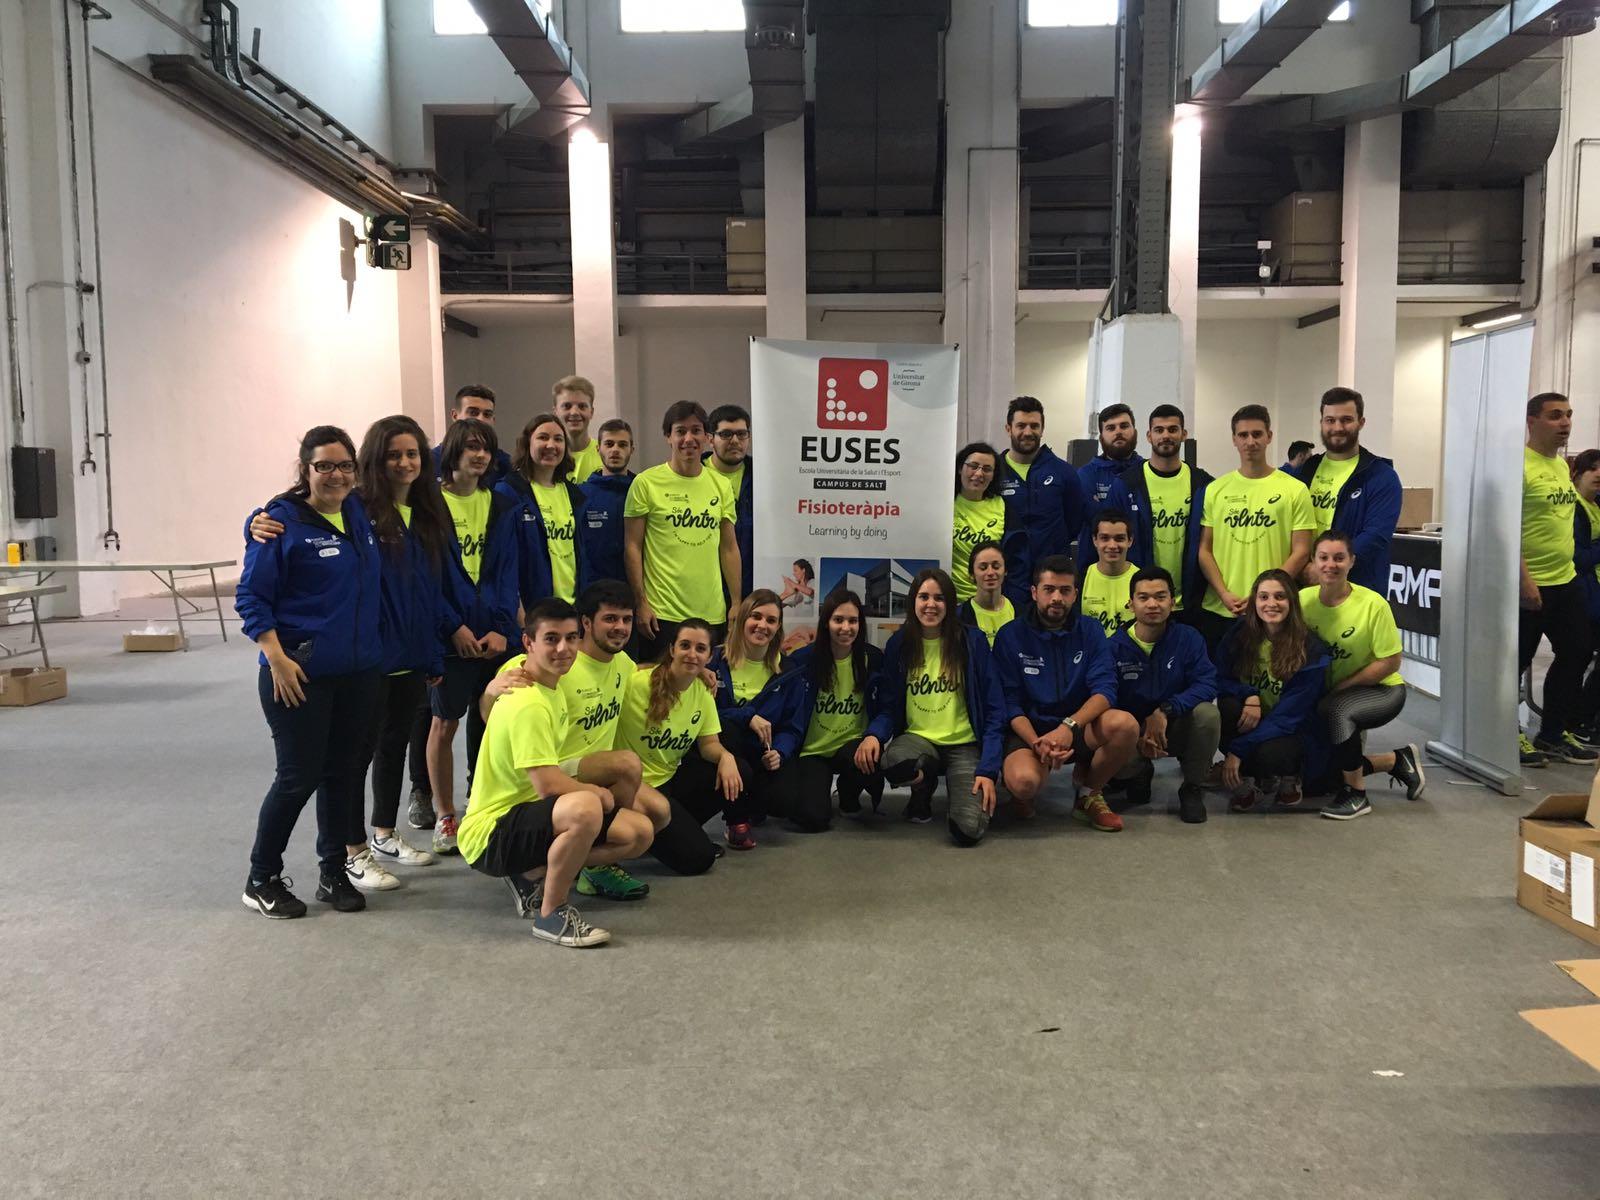 EUSES destina una quarantena d'estudiants per recuperar els participants de la Marató de Barcelona